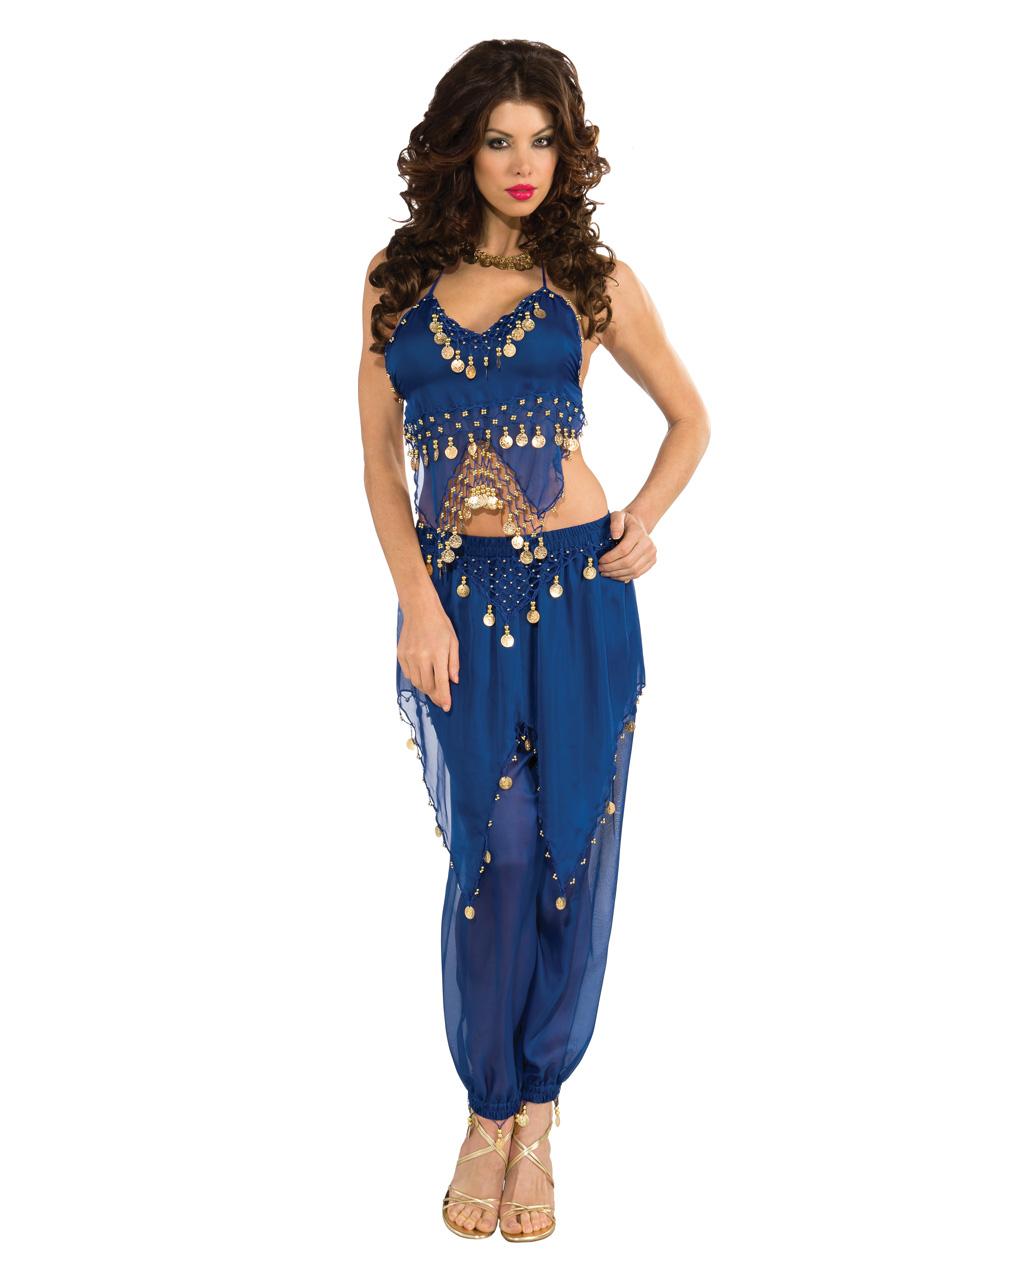 Orient Bauchtanzerin Kostum Blau Fur Karneval Karneval Universe